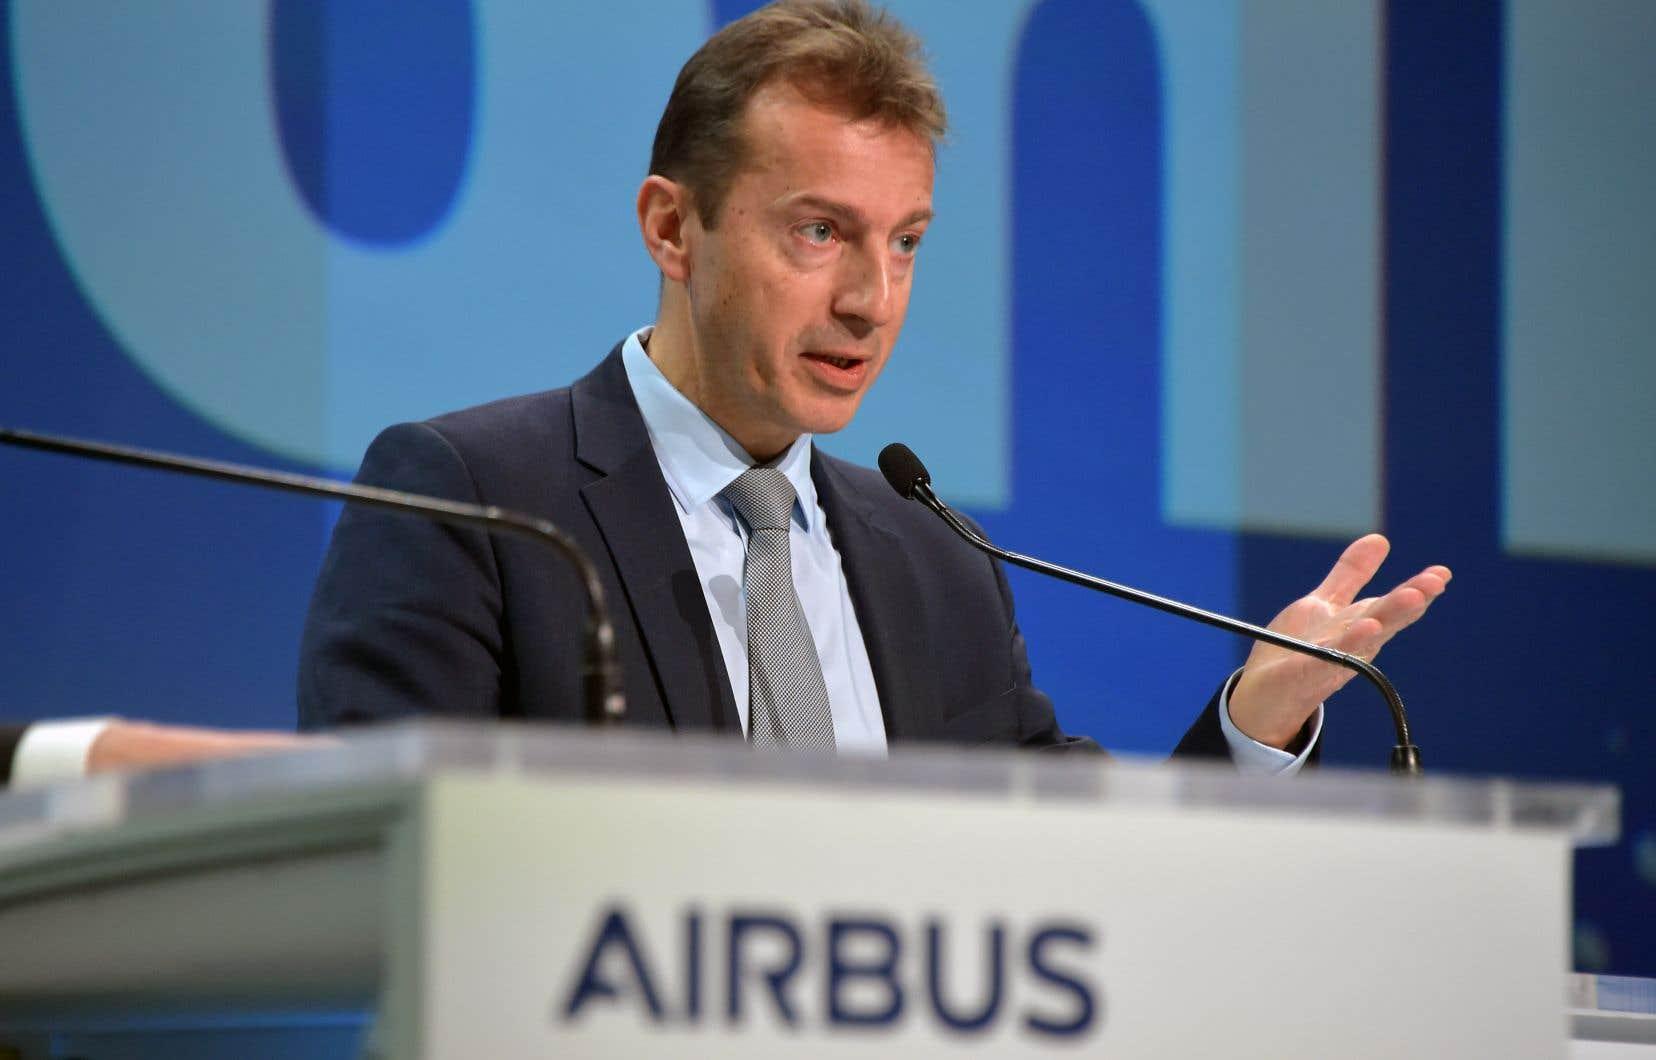 Le président et chef de la direction d'Airbus, Guillaume Faury